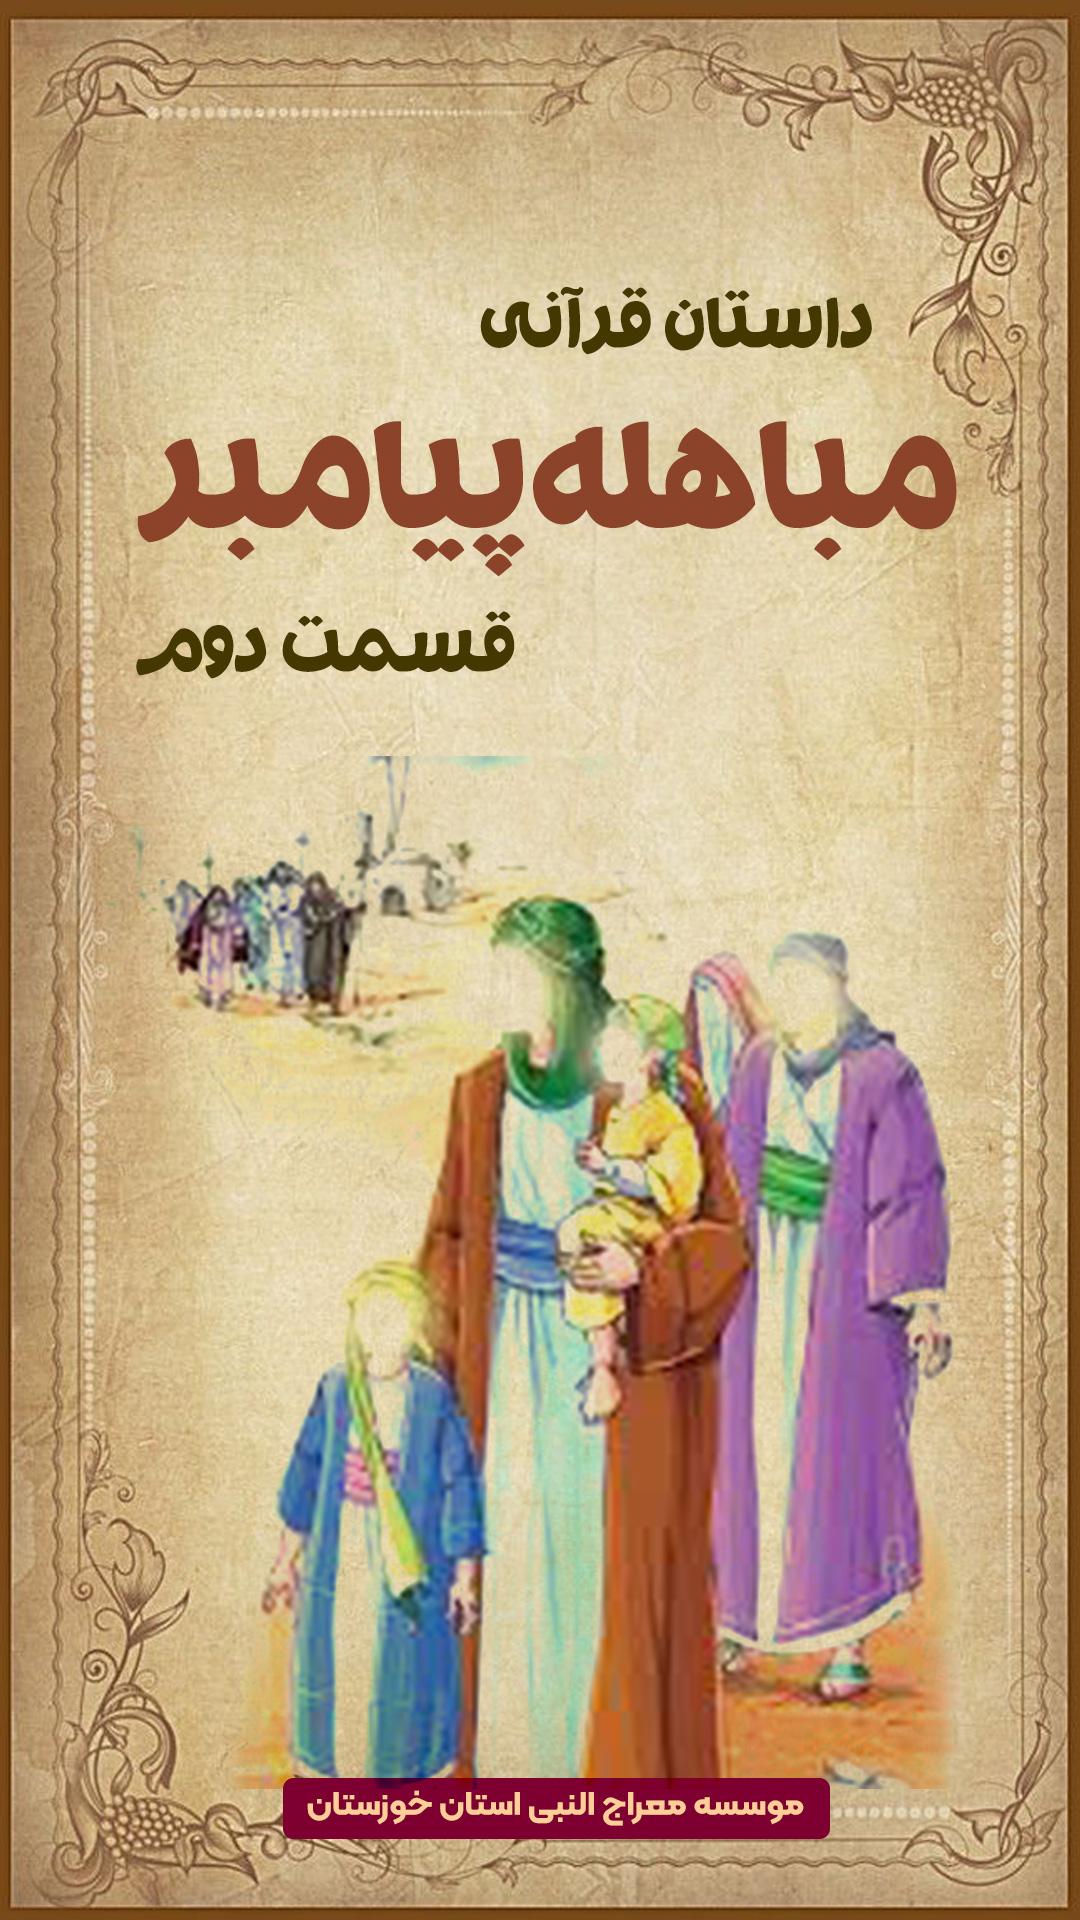 داستان مباهله پیامبر رحمت (ص) و حقانیت اسلام – بخش دوم